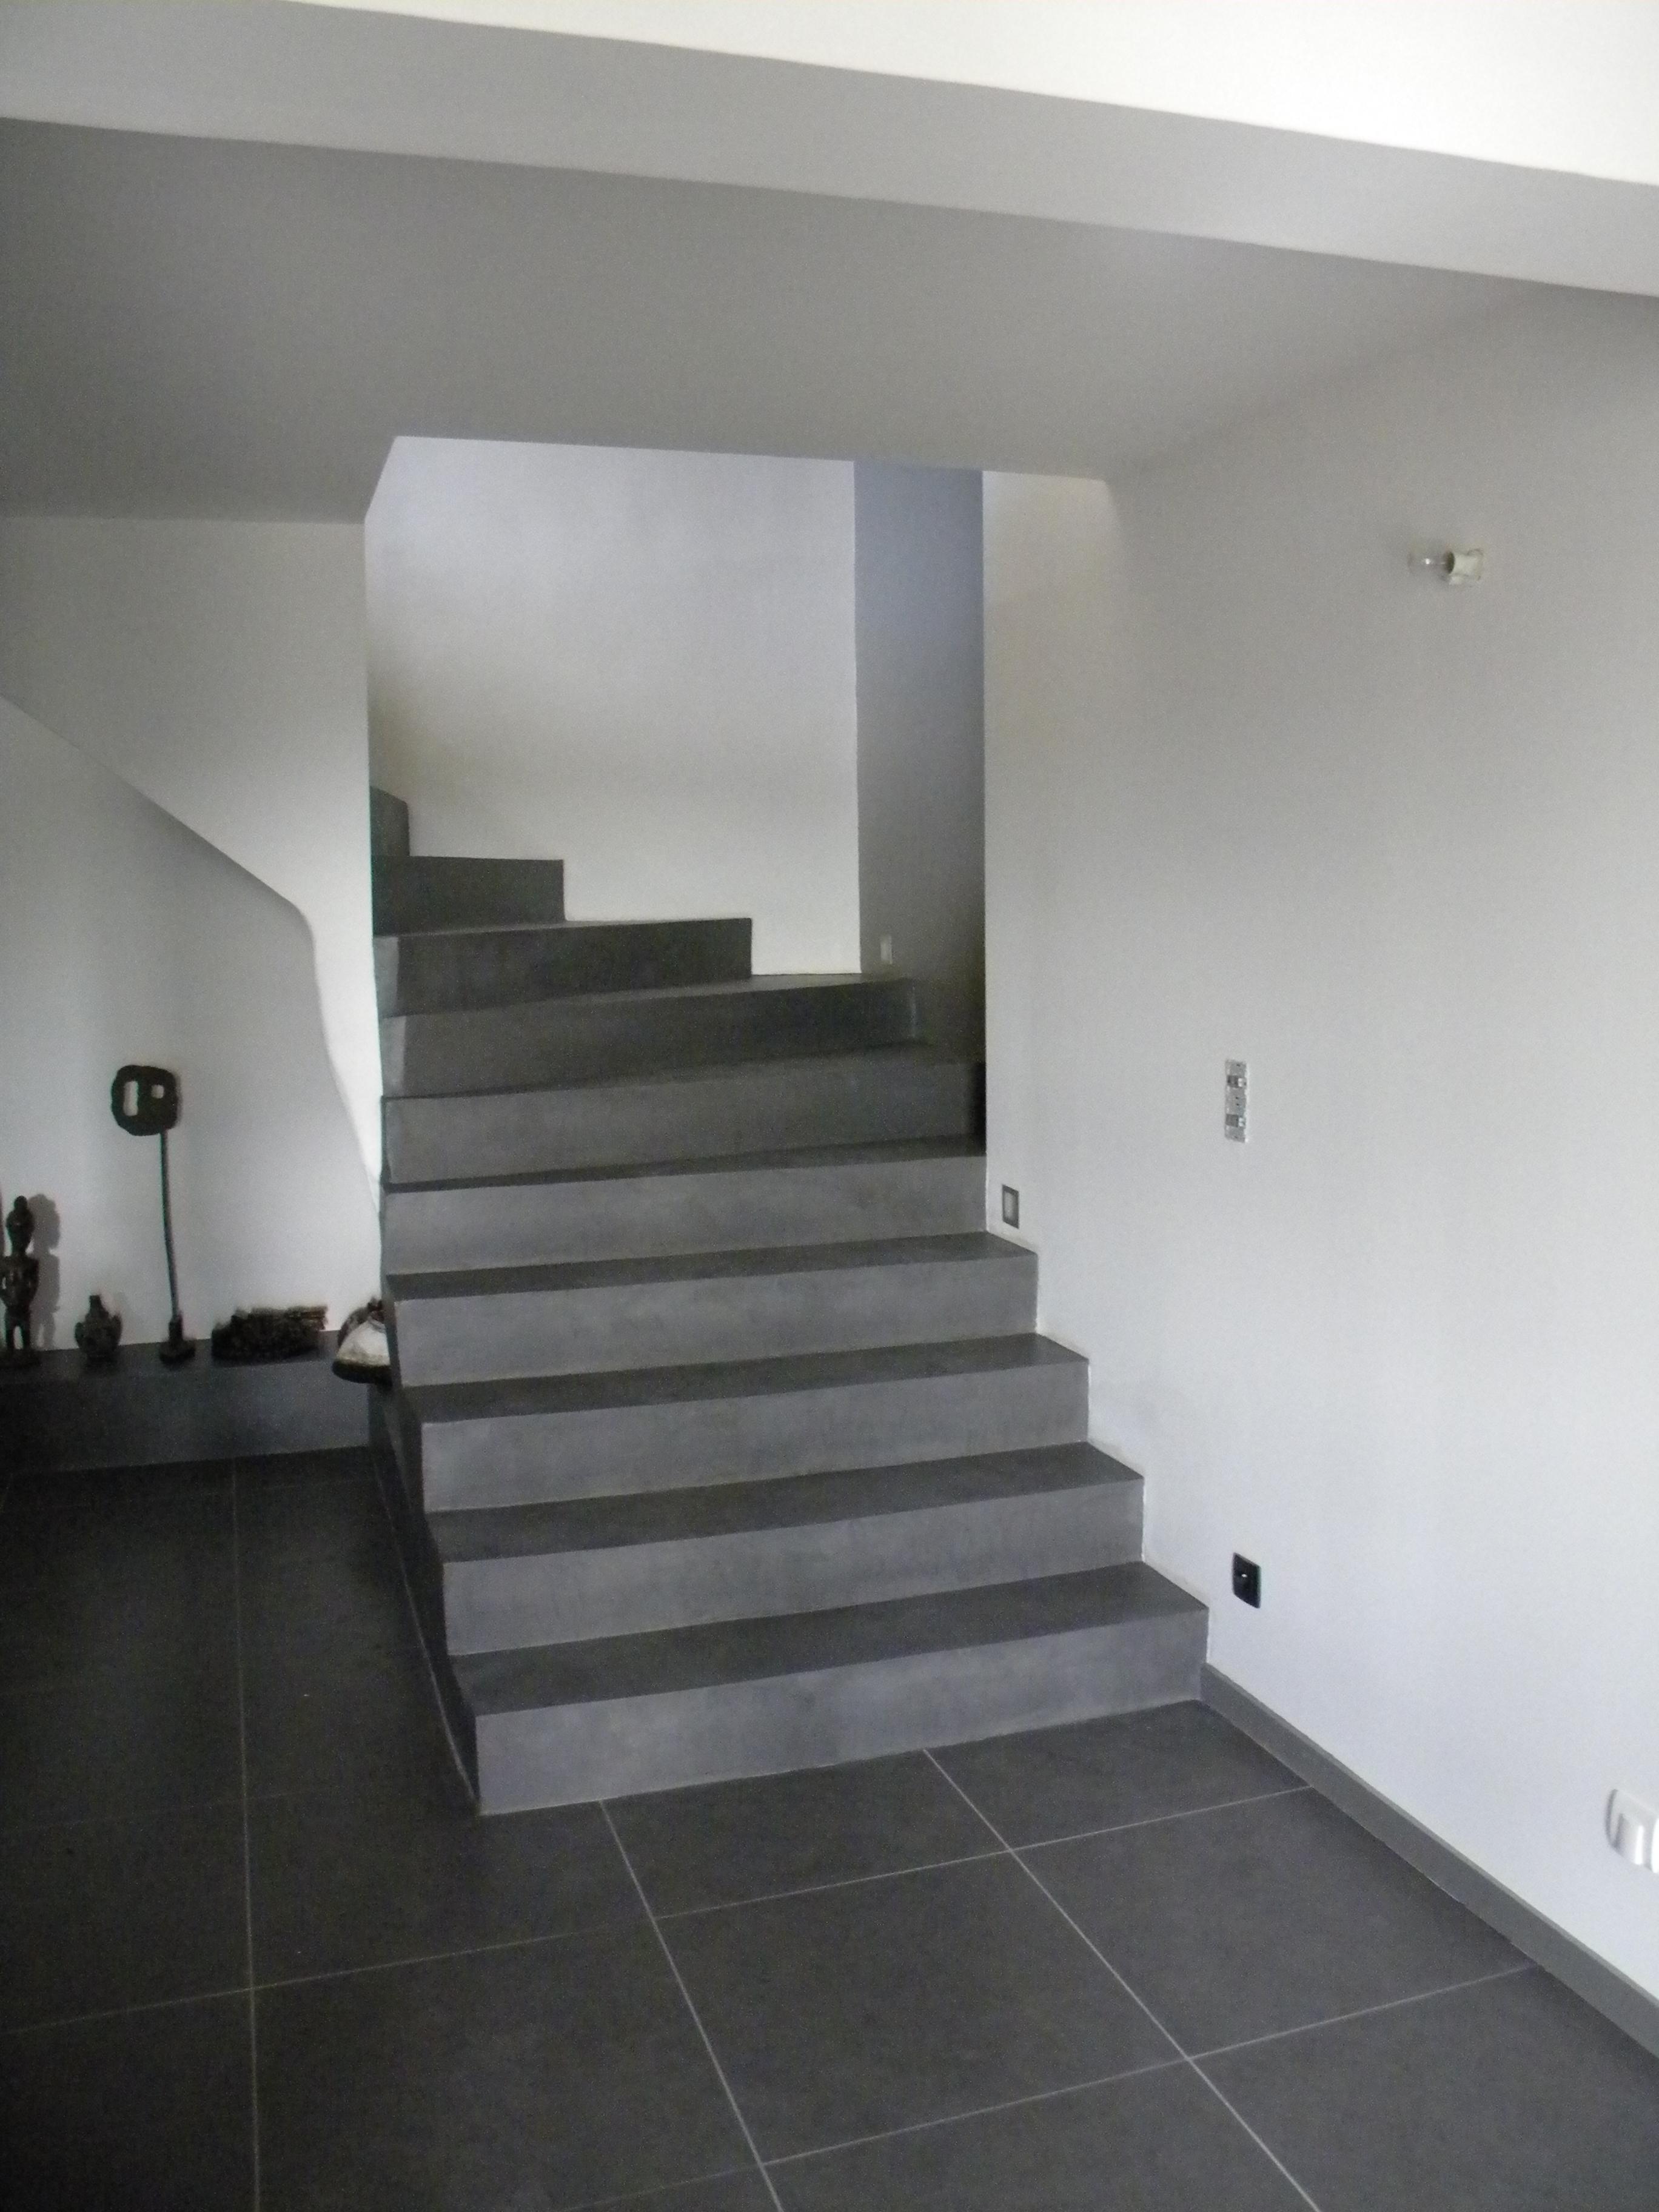 kosten neue treppe kosten neue treppe 28 images bis zu 100 000 kosten neue treppe kosten. Black Bedroom Furniture Sets. Home Design Ideas